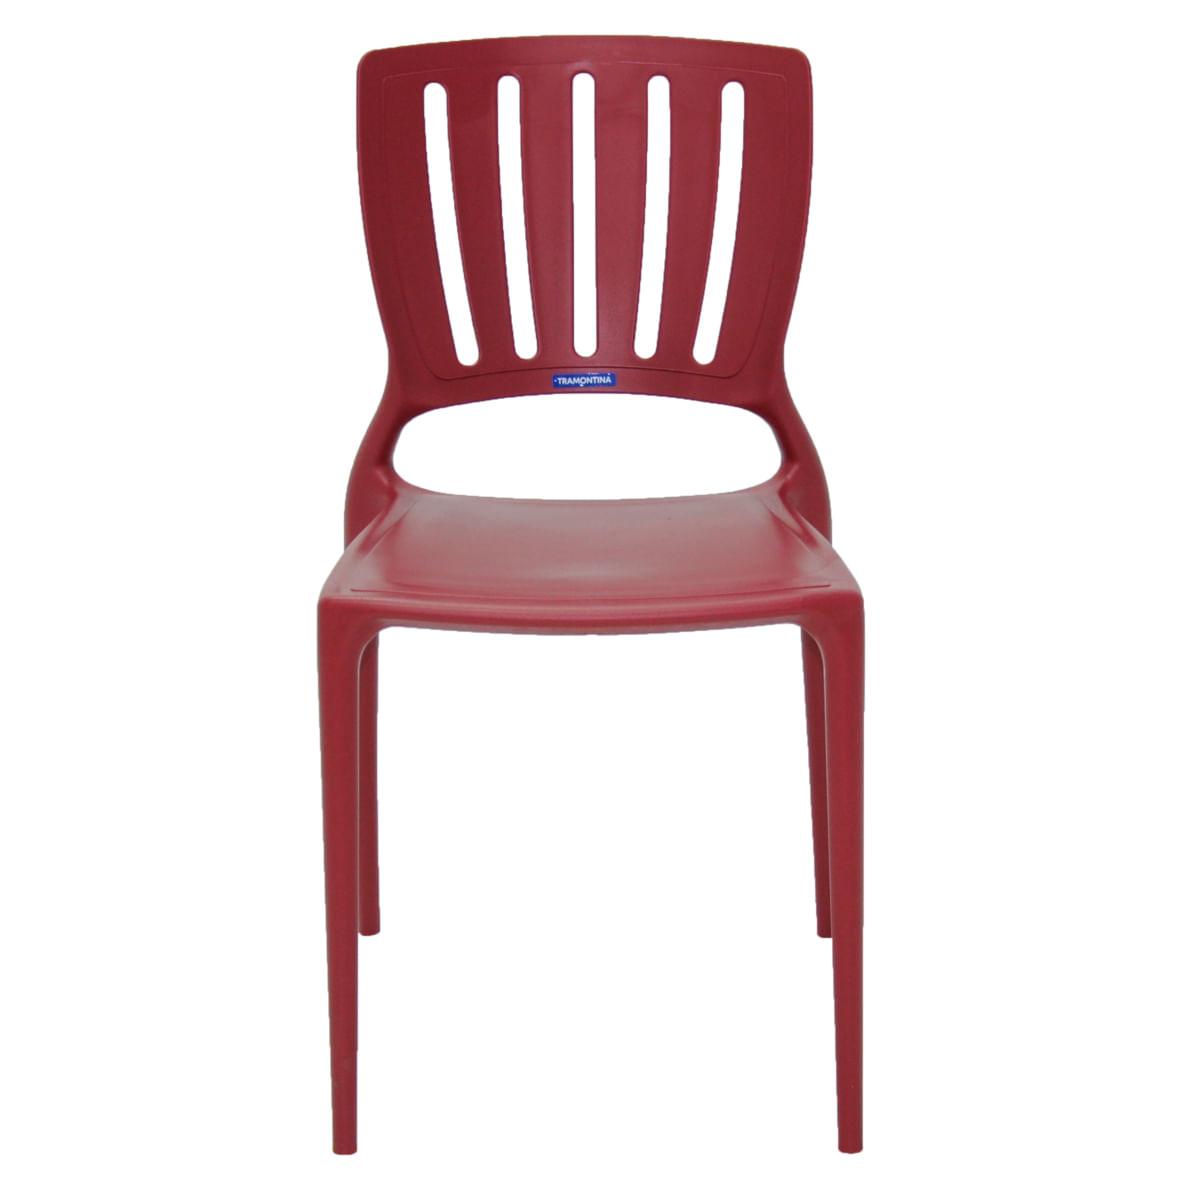 Cadeira Tramontina Sofia Marsala com Encosto Vazado Vertical em Polipropileno e Fibra de Vidro